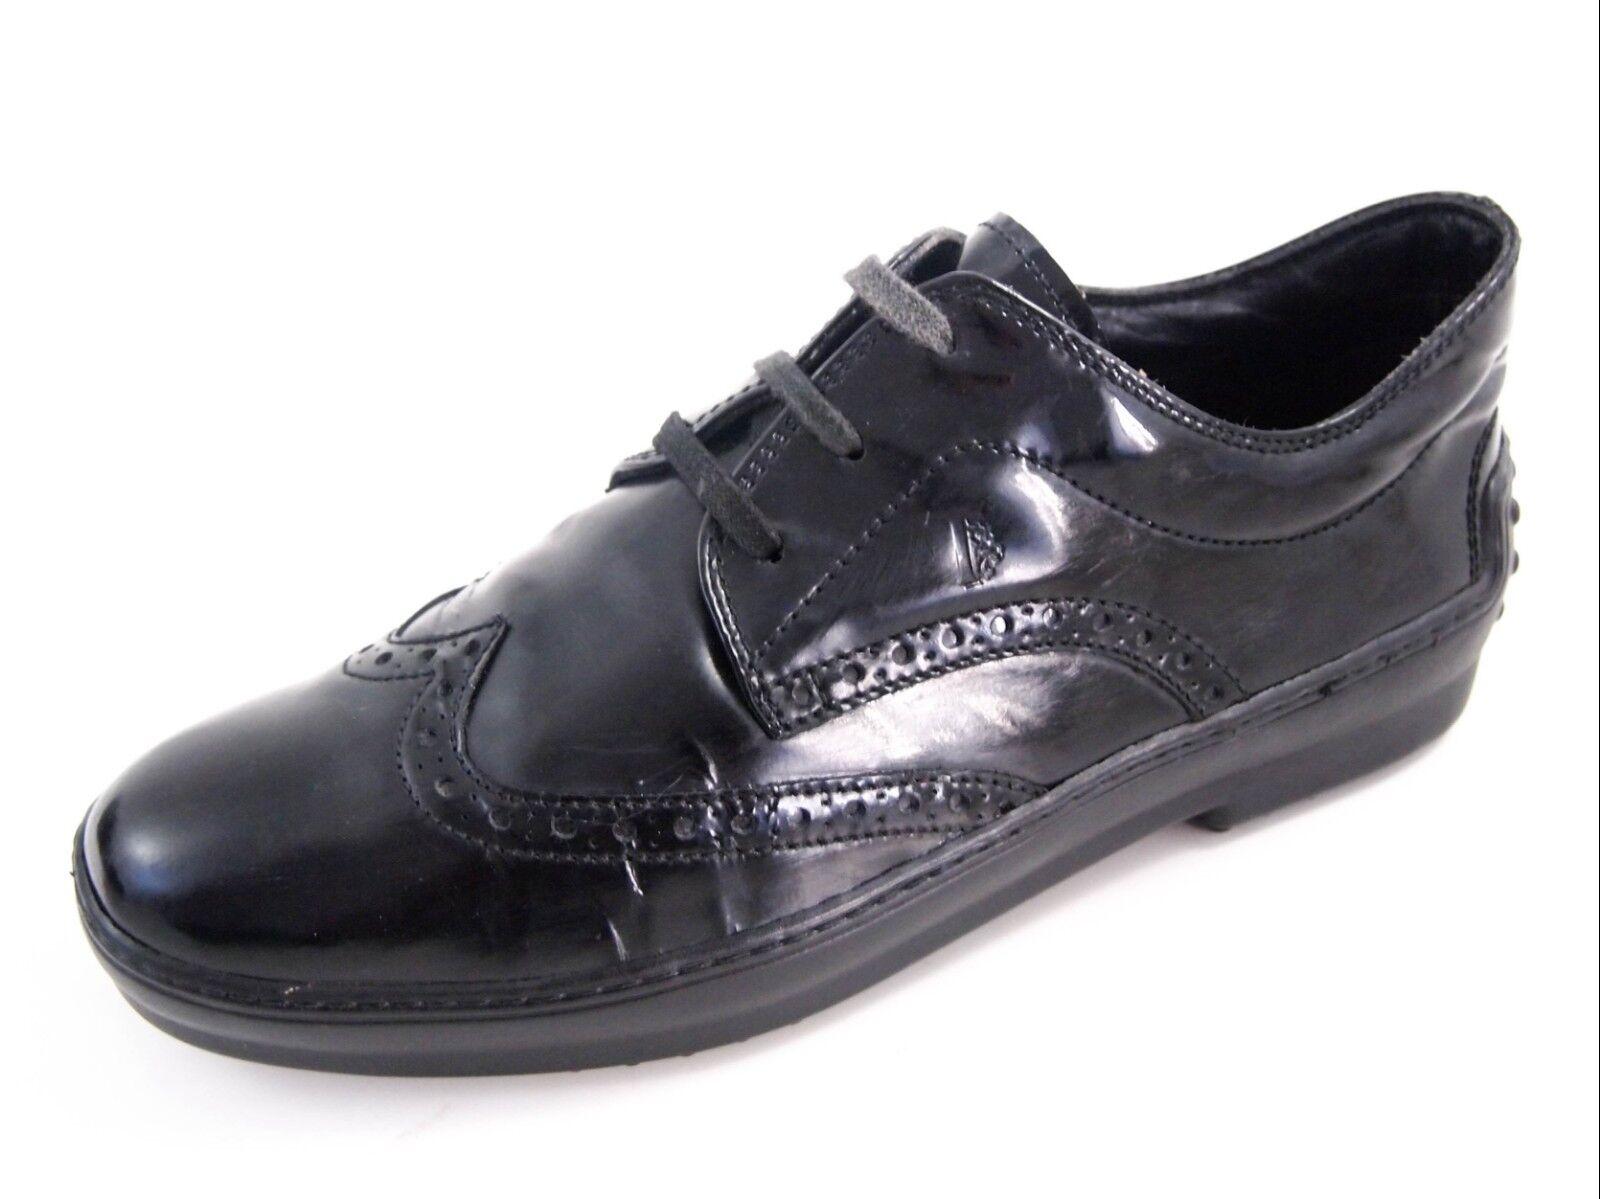 Tod'S Cuero Calado, Charol Negro, Mujer Tamaño del zapato, zapato, zapato, EU 37 nos 7  450  mejor reputación